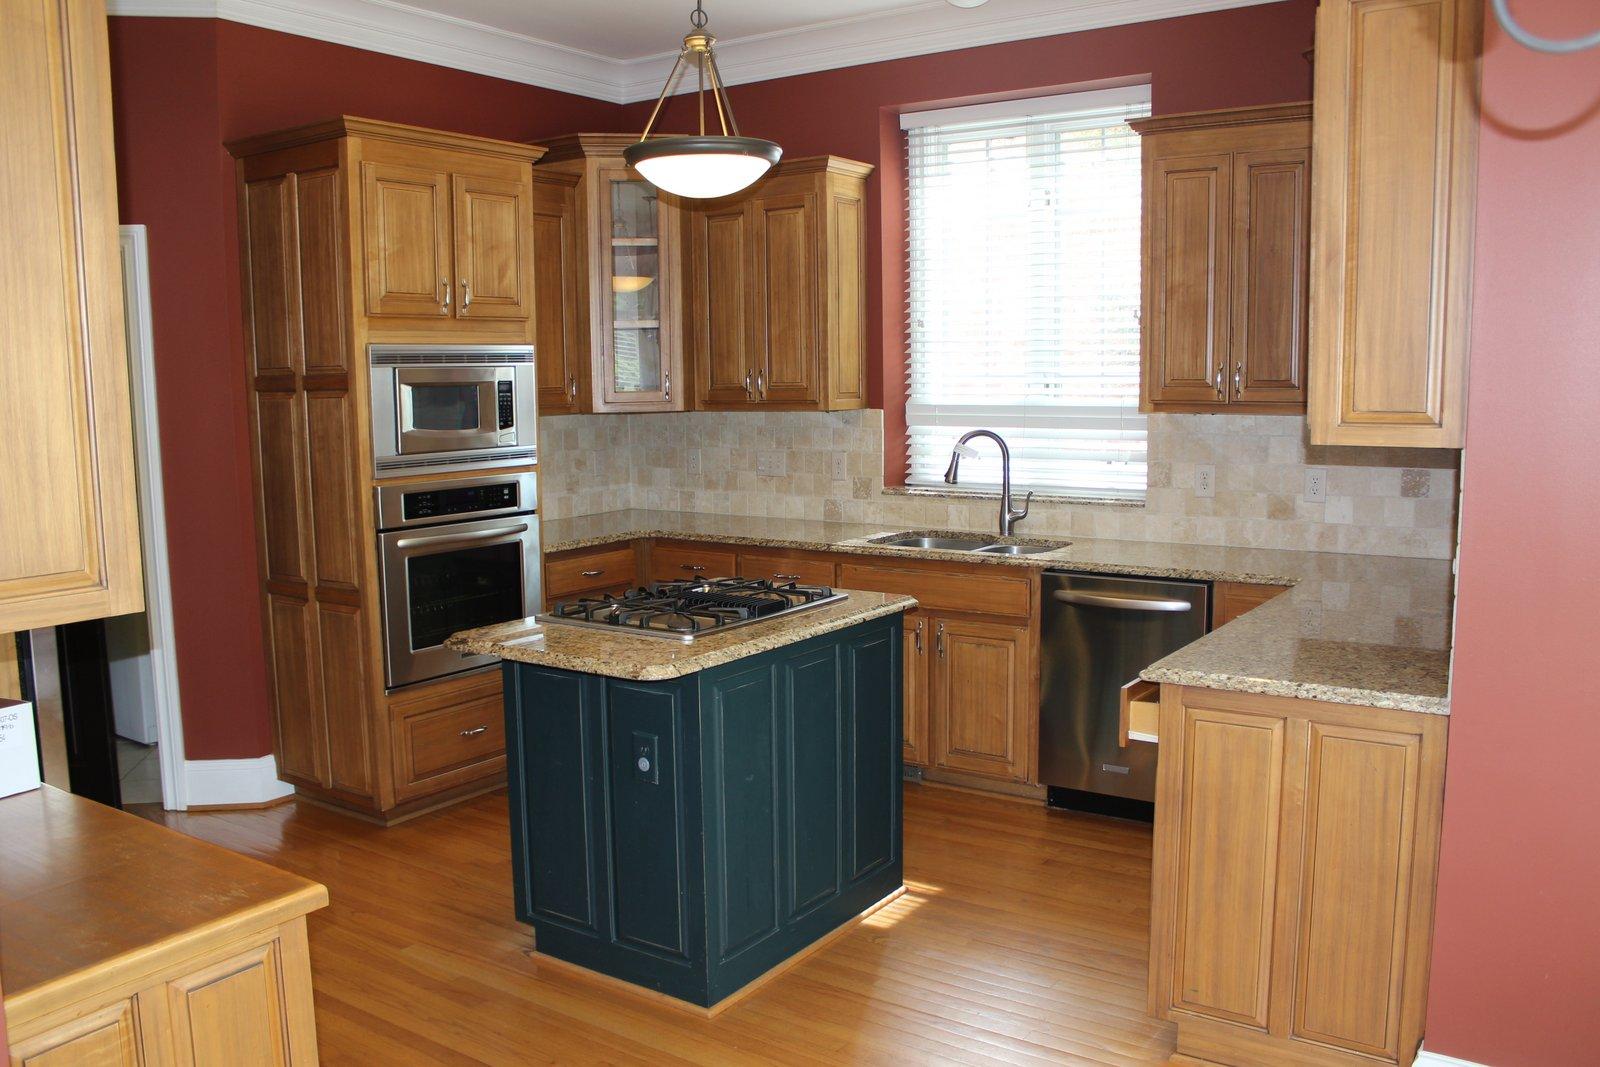 kitchen mls 3084031